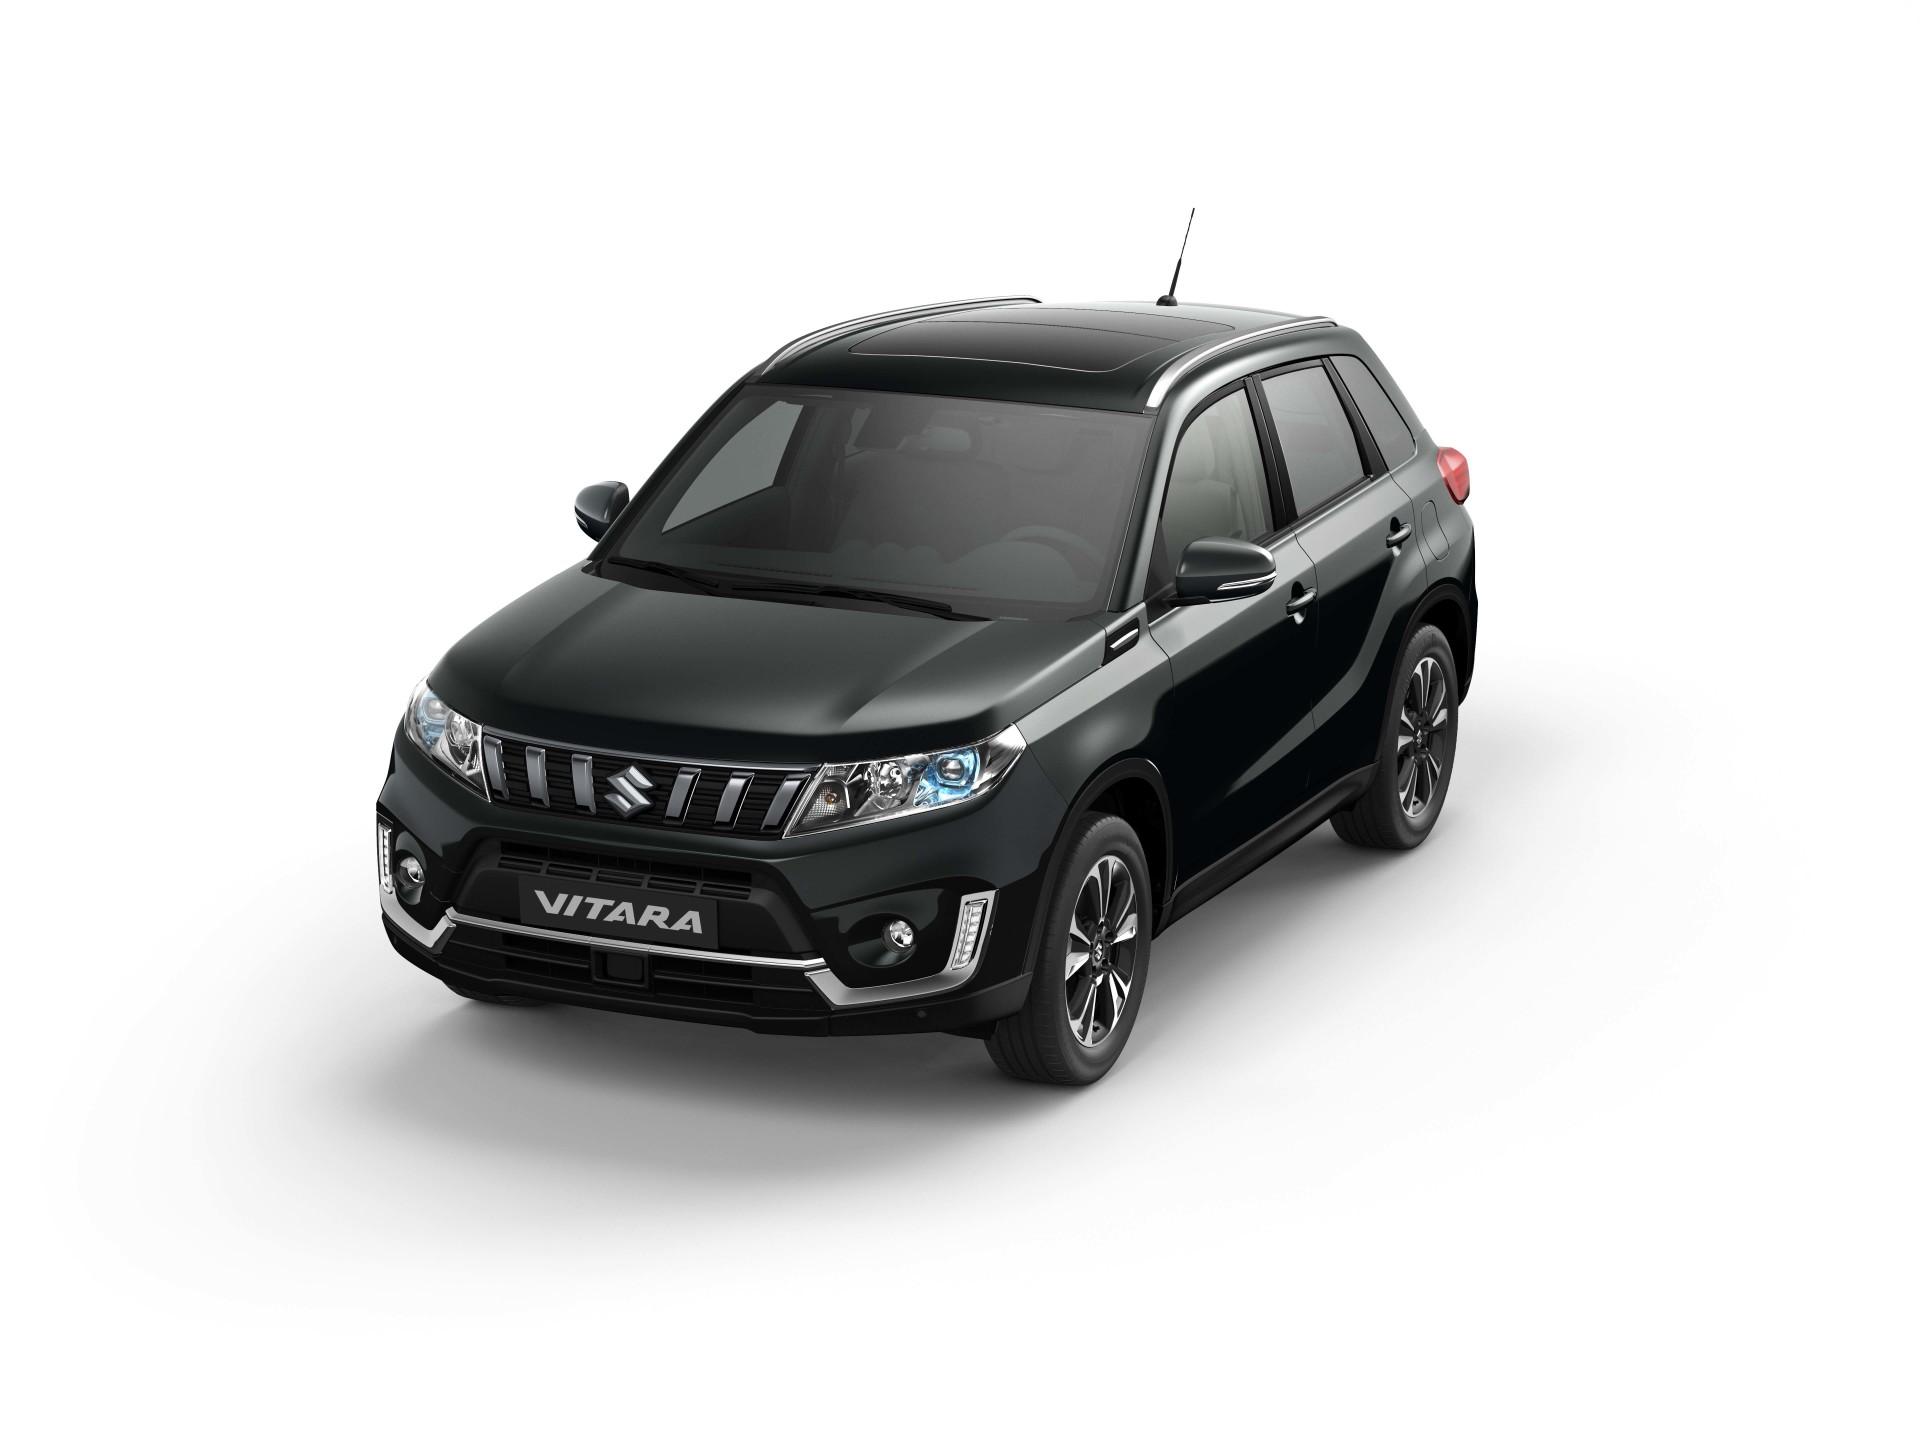 Suzuki Vitara 2018 512